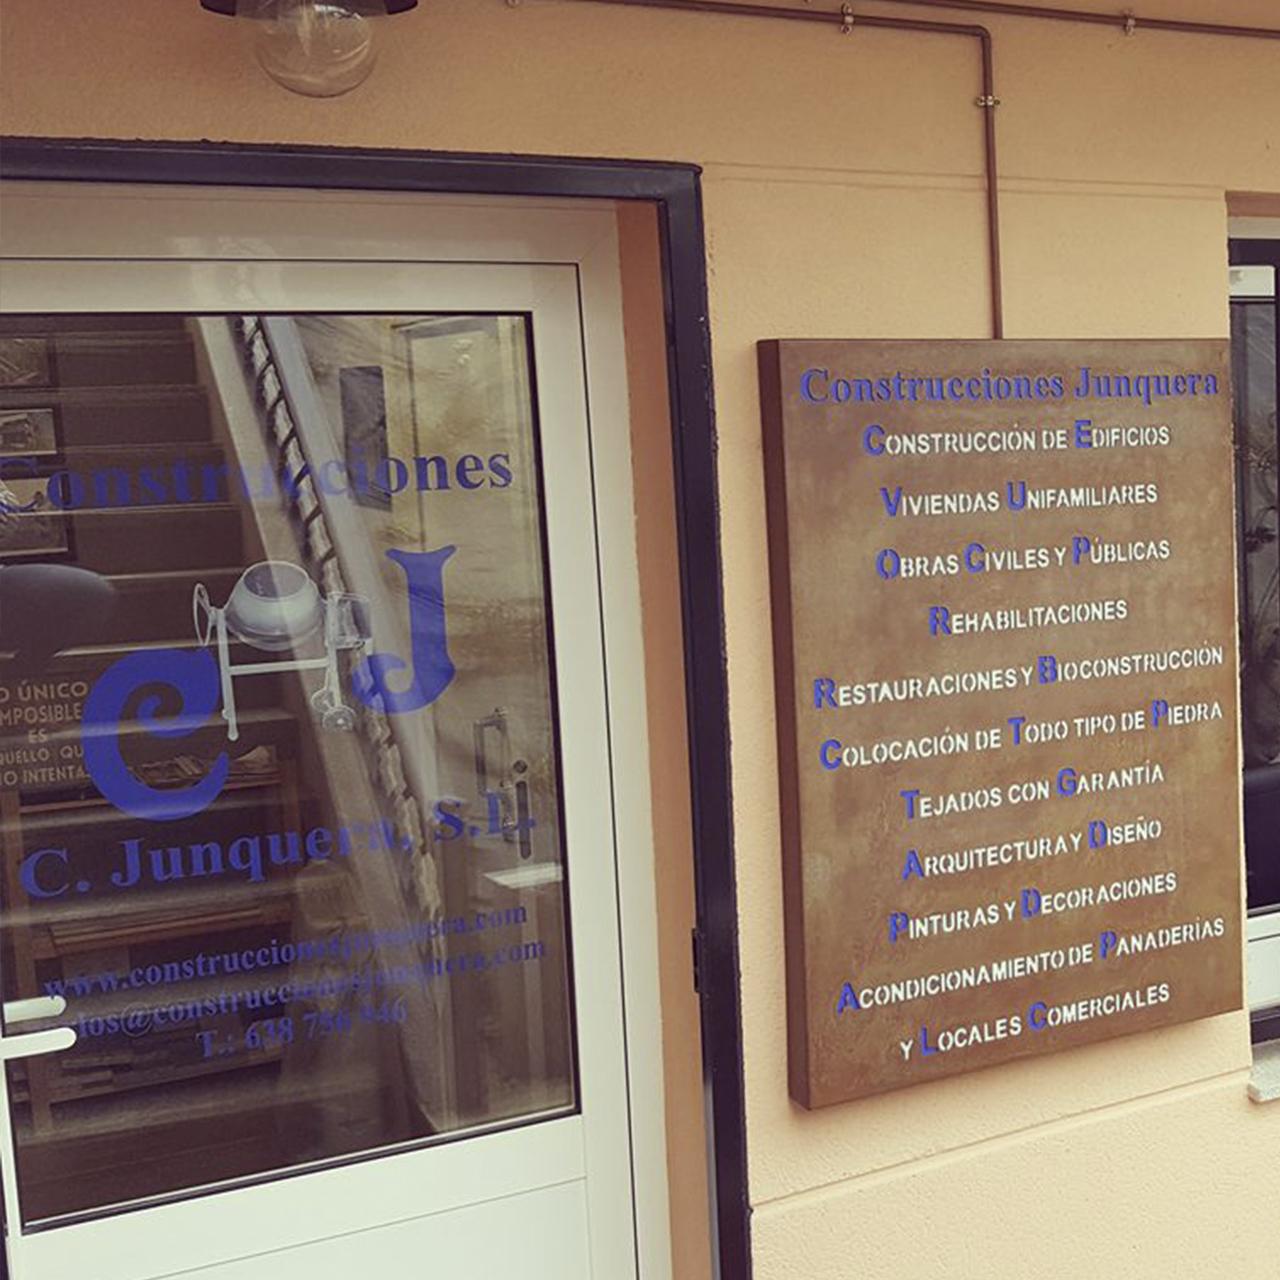 Construcciones Junquera - PUERTA PRINCIPAL